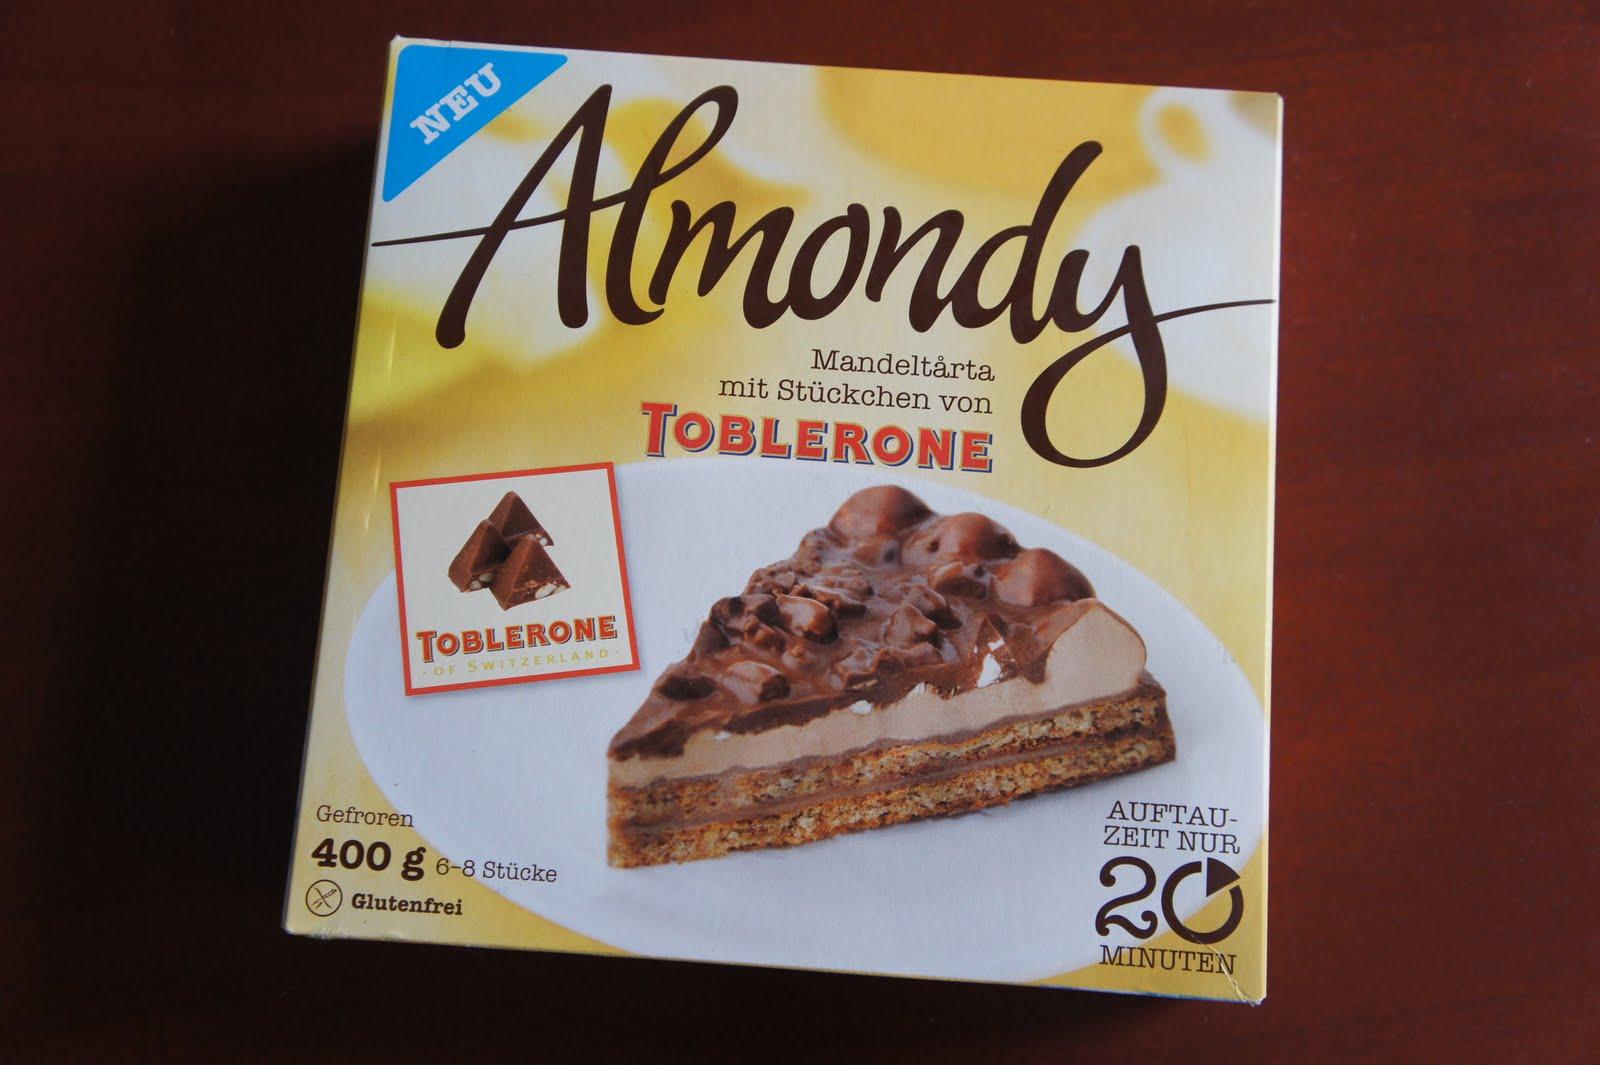 Almondy Toblerone Mandeltrta  Ein glutenfreier Blog